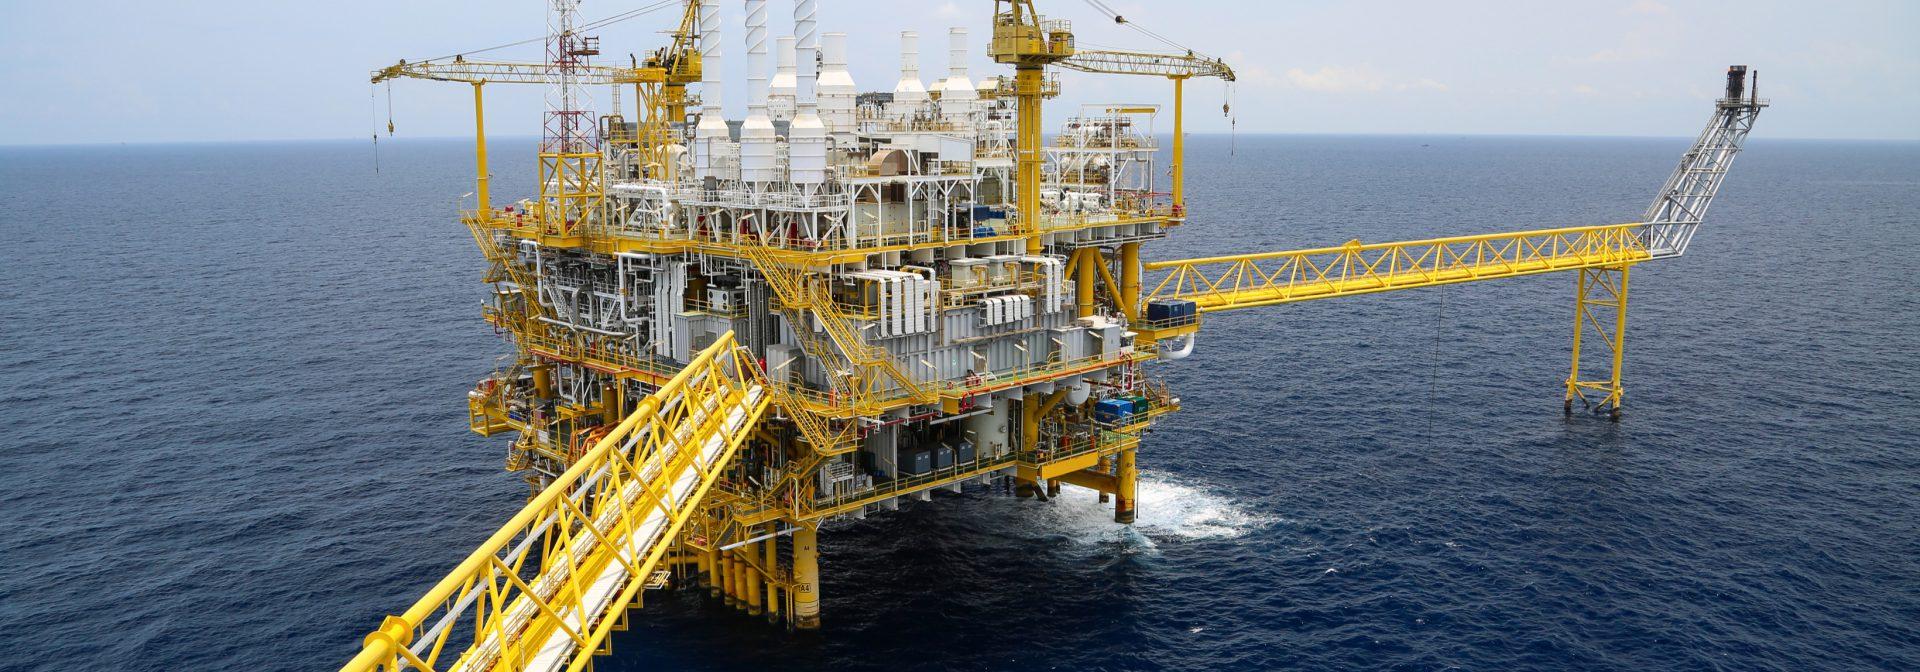 Industrie offshore | ELCEE